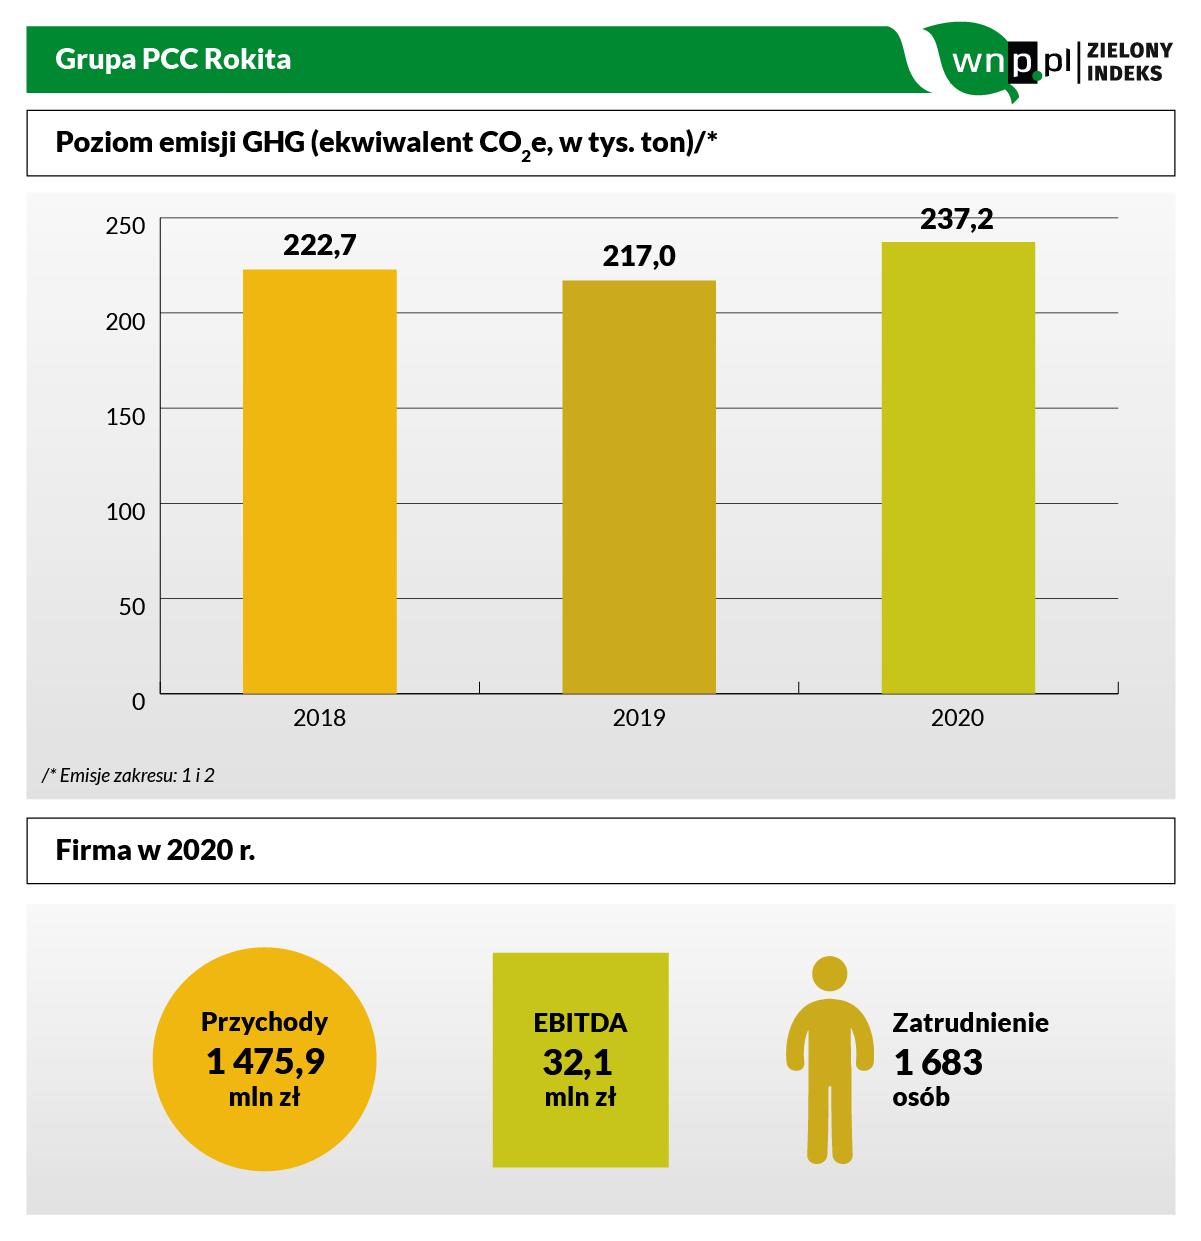 Grupa PCC Rokita w Zielonym Indeksie (infografika: PTWP)